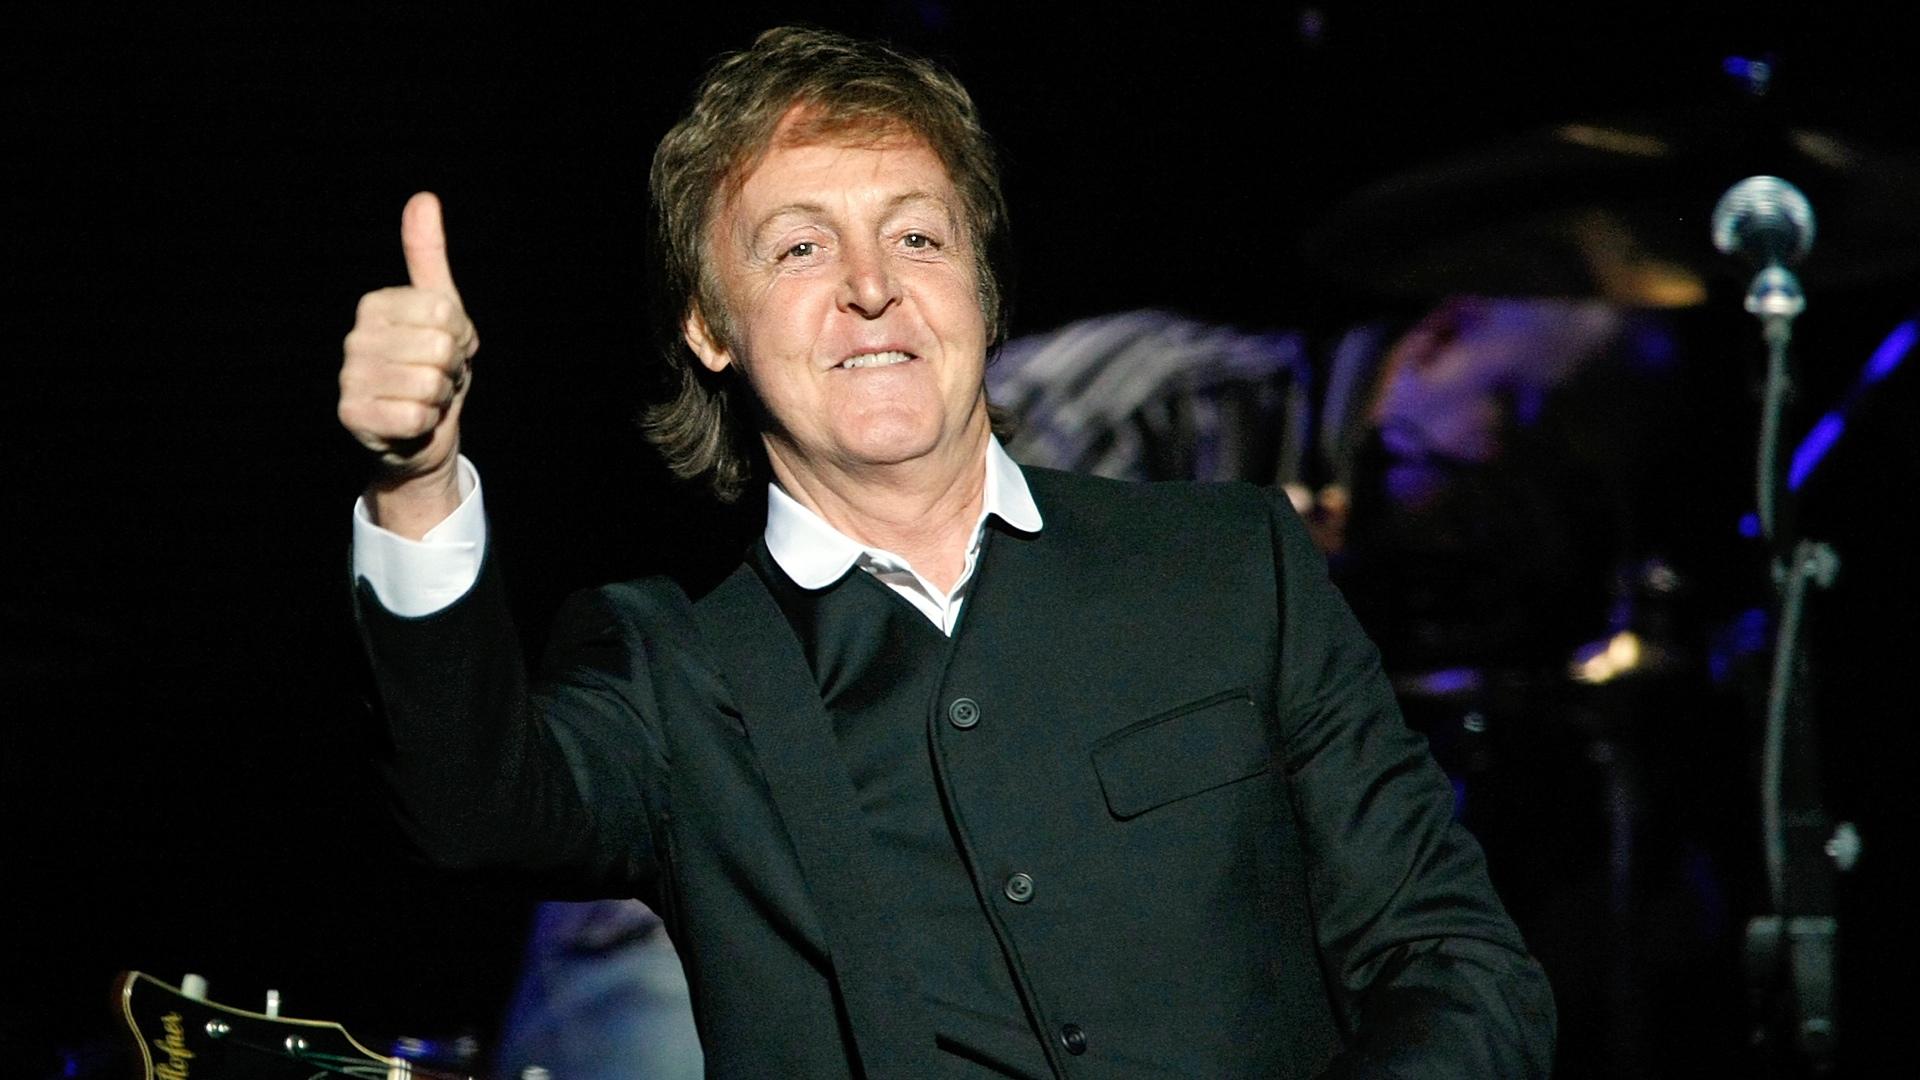 Paul McCartney podrá recuperar los derechos de sus canciones